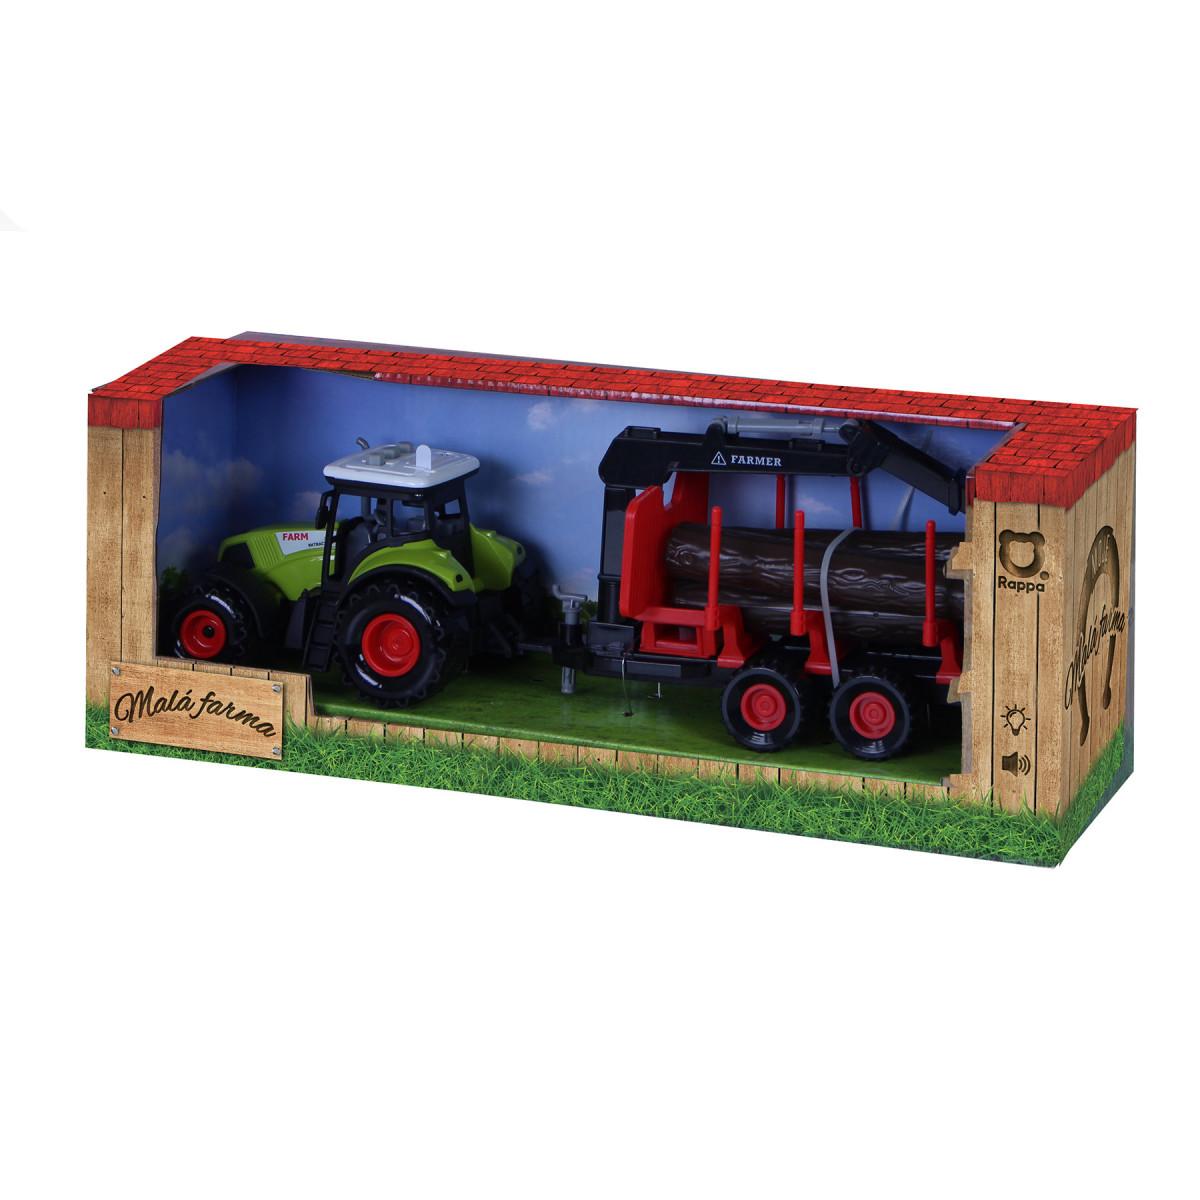 Traktor plastový se zvukem a světlem s vlečkou a chapadlem